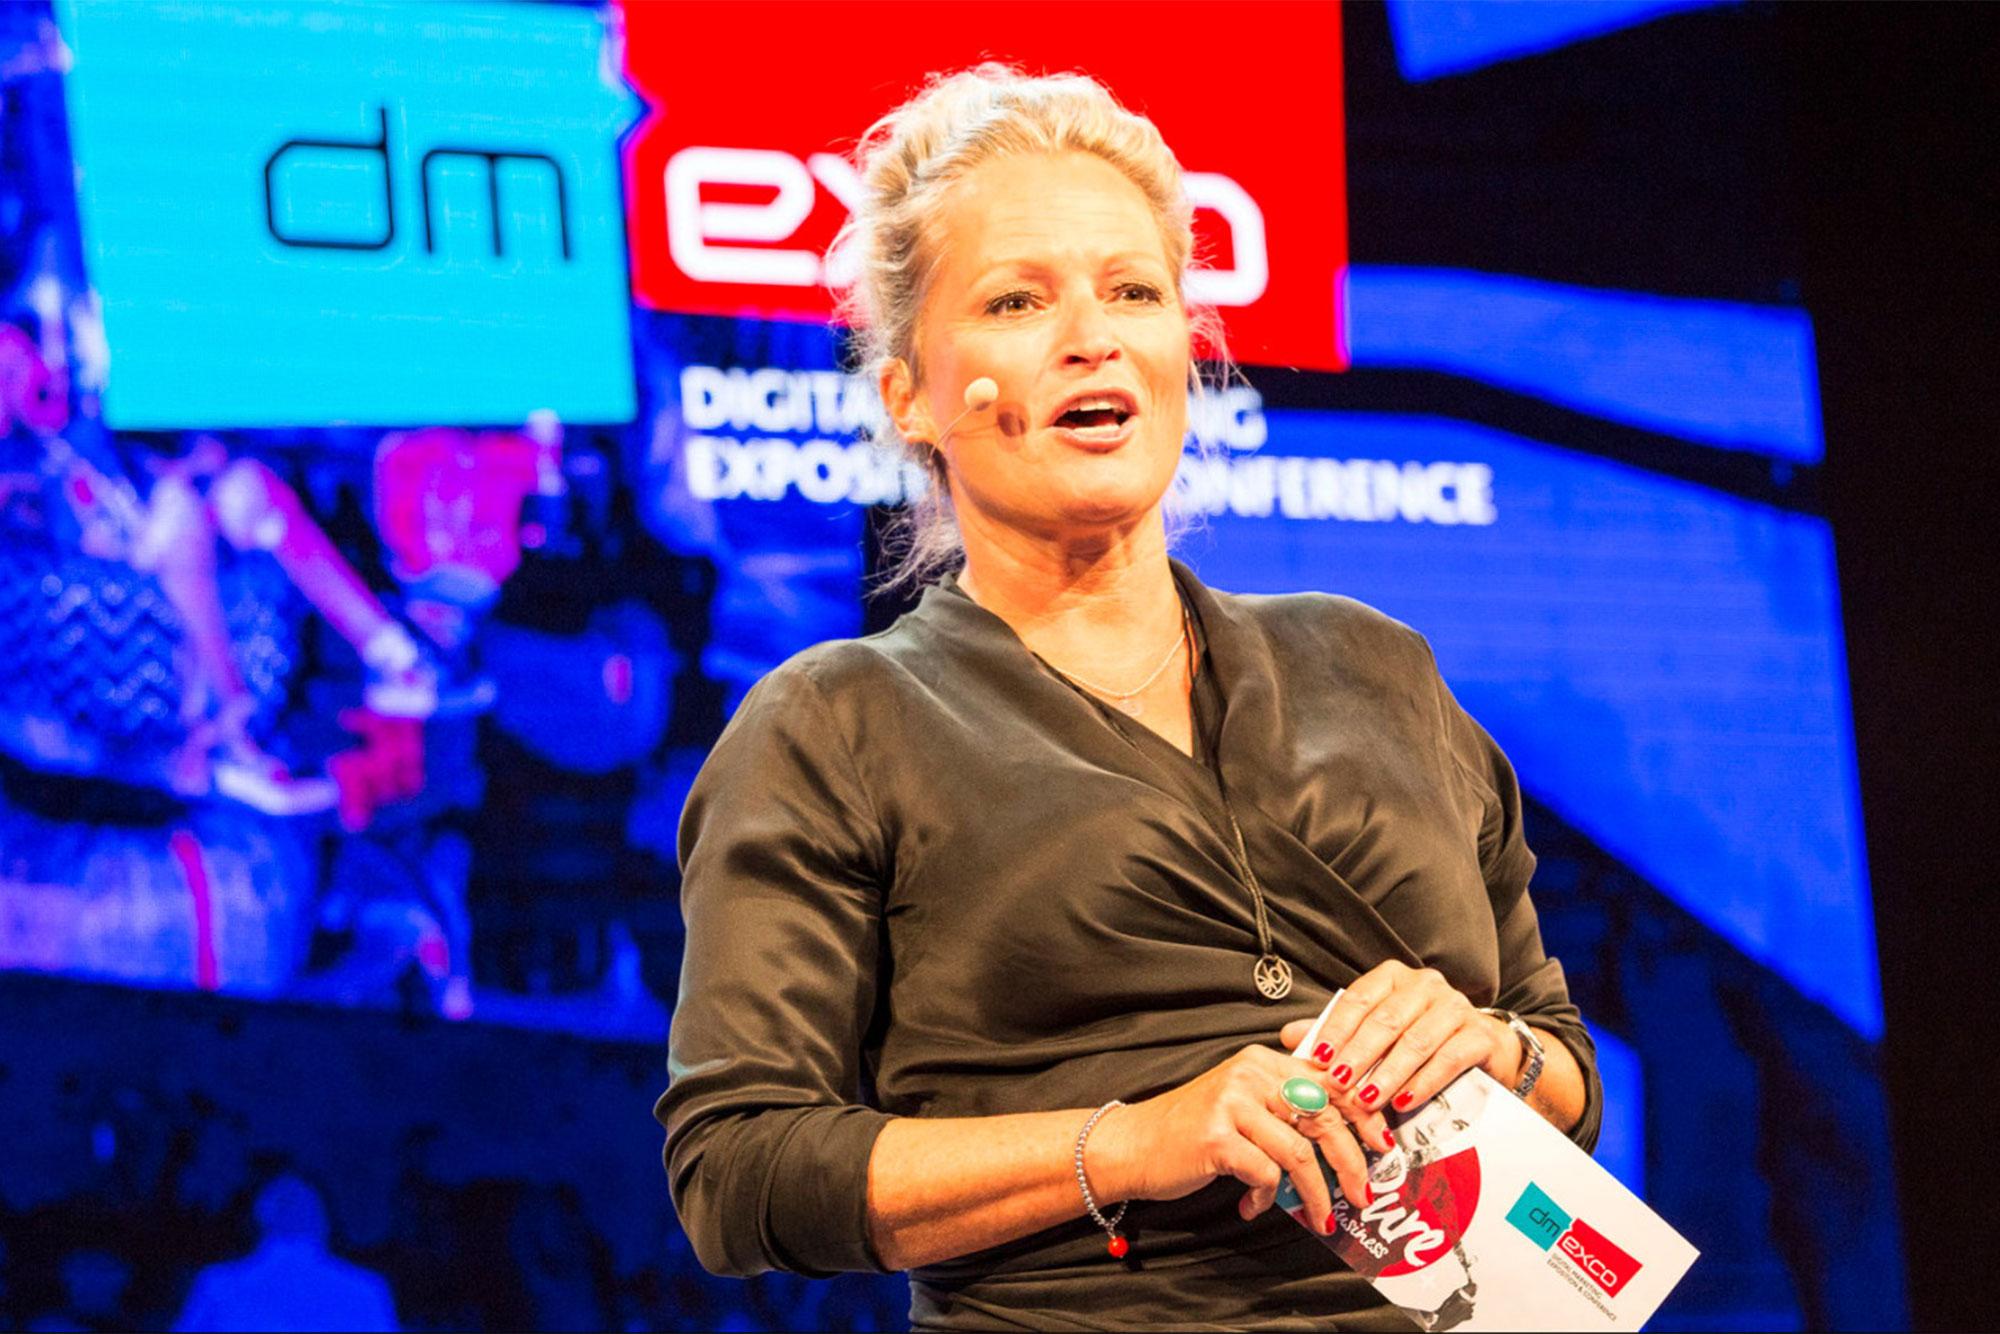 Susan Bäthge - Kolumnistin, Moderatorin, Autorin